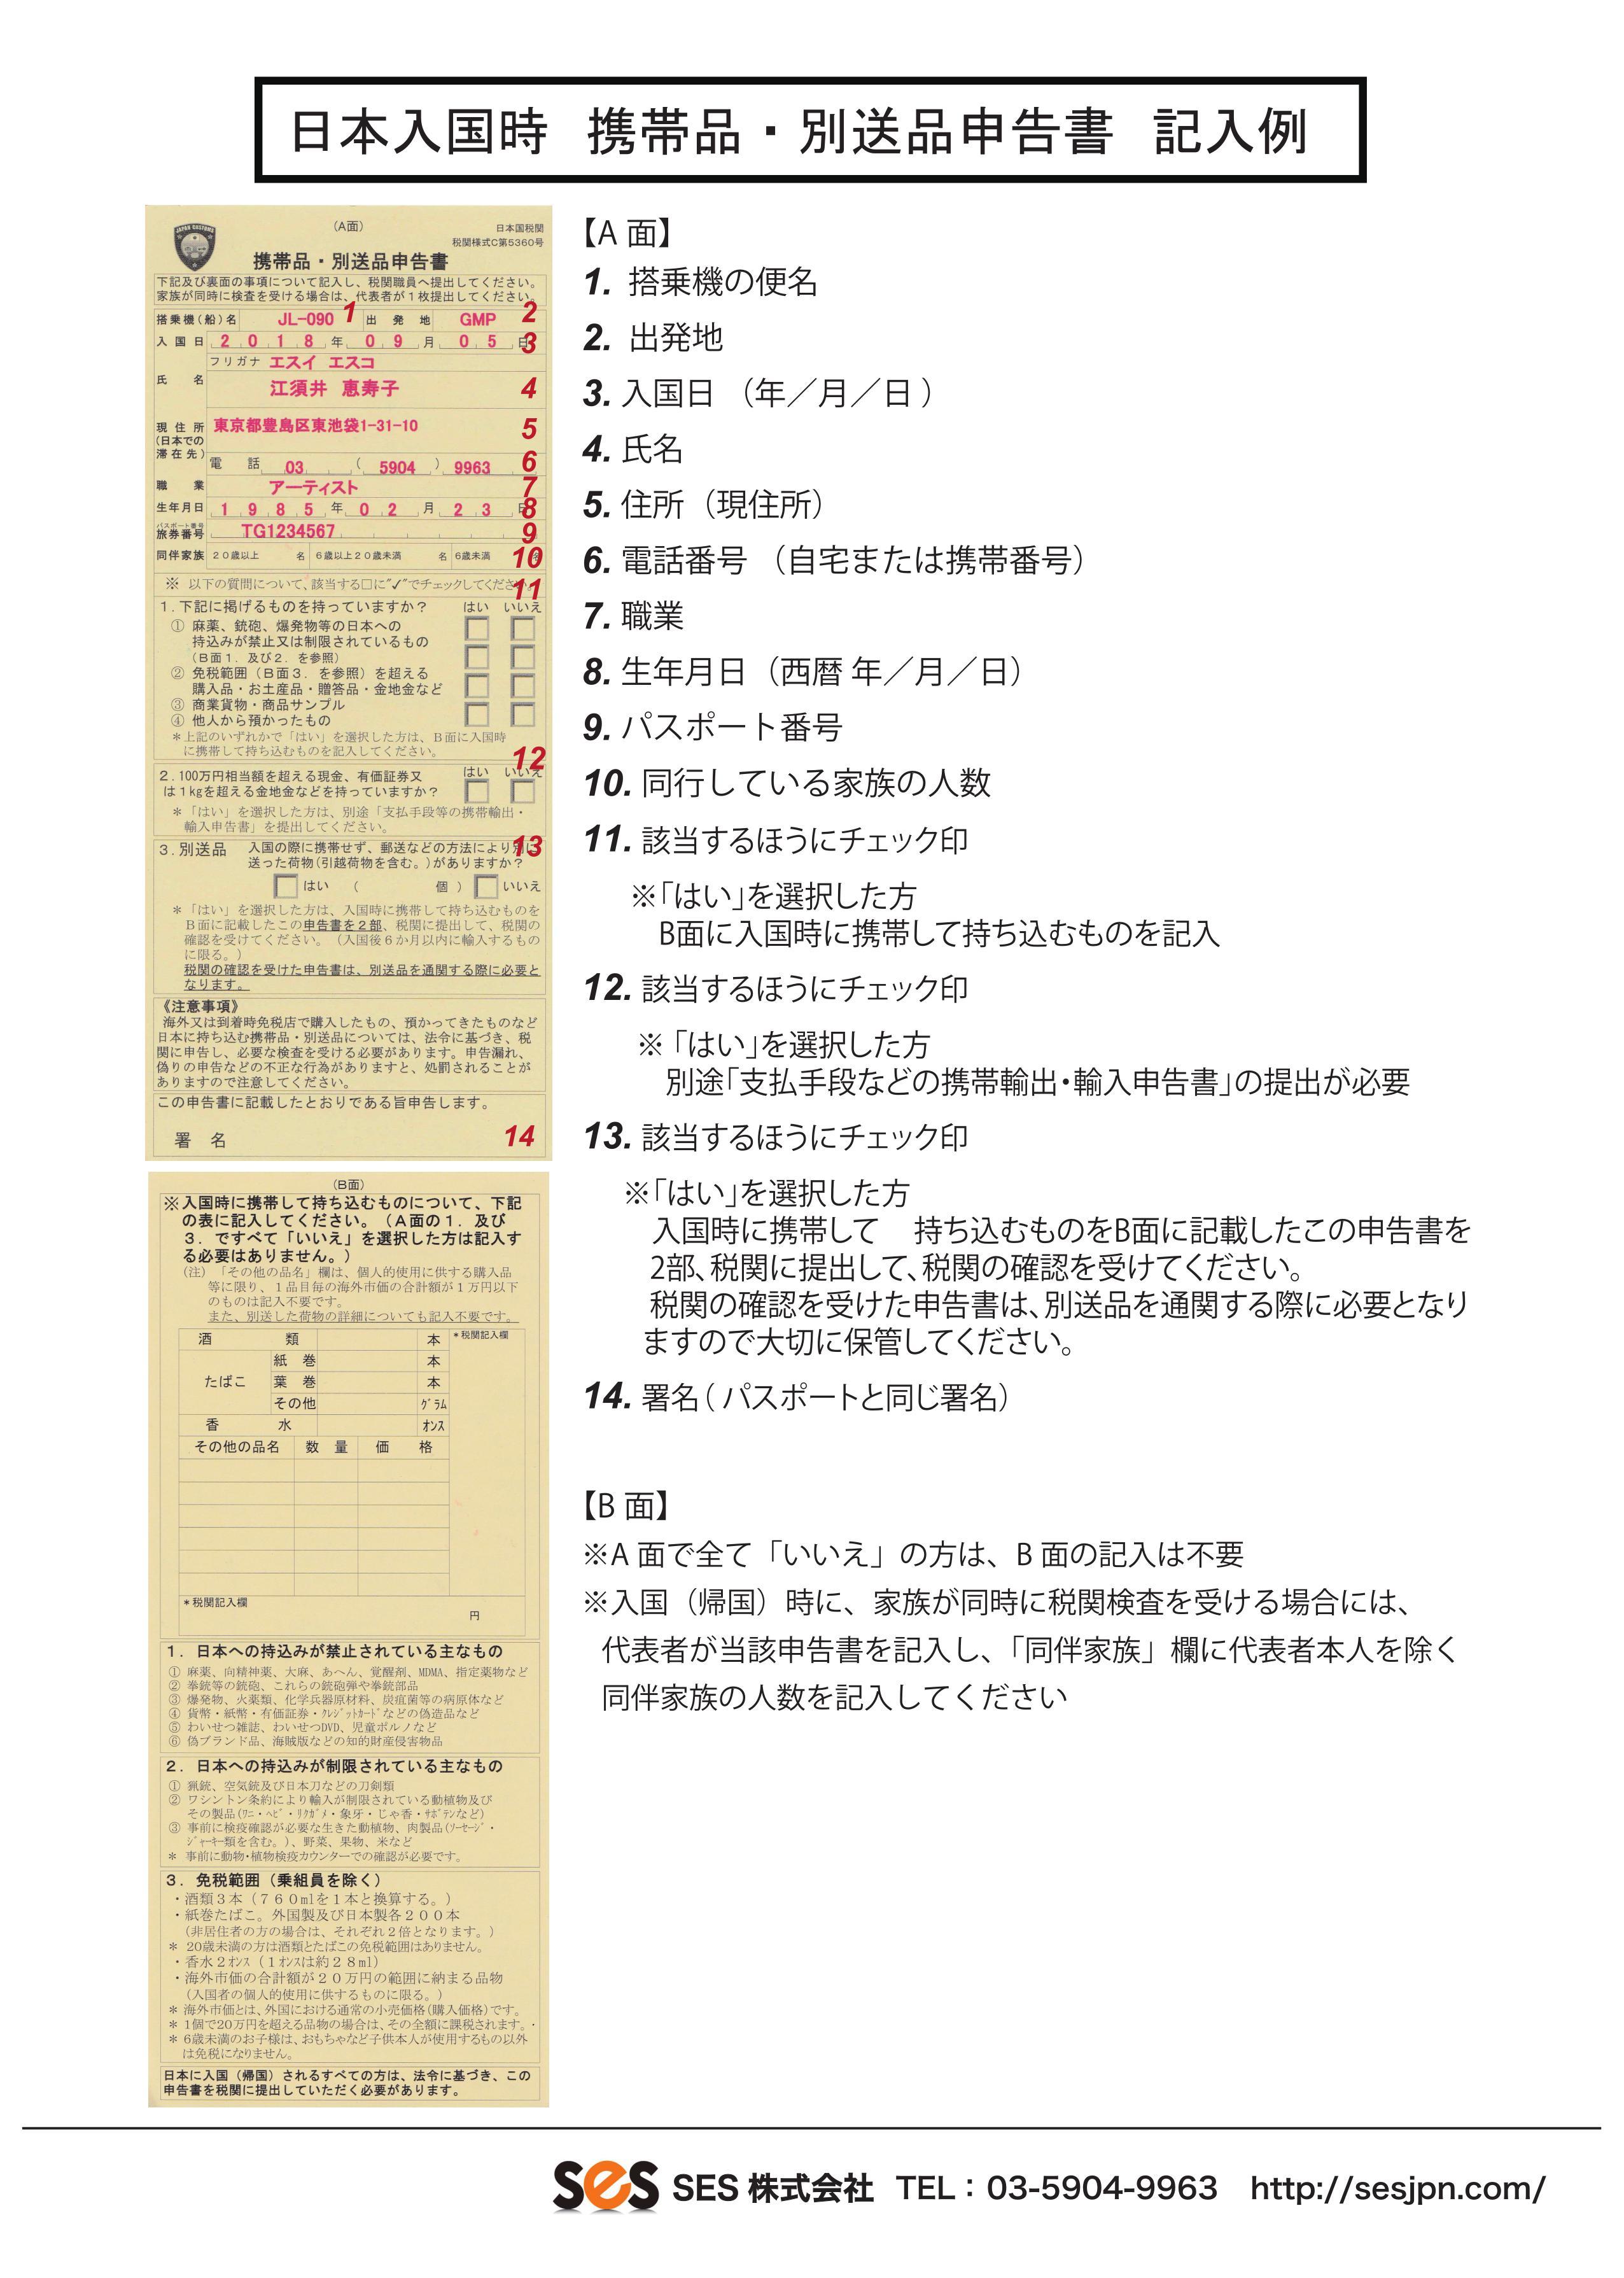 日本携帯品・別送品申告書